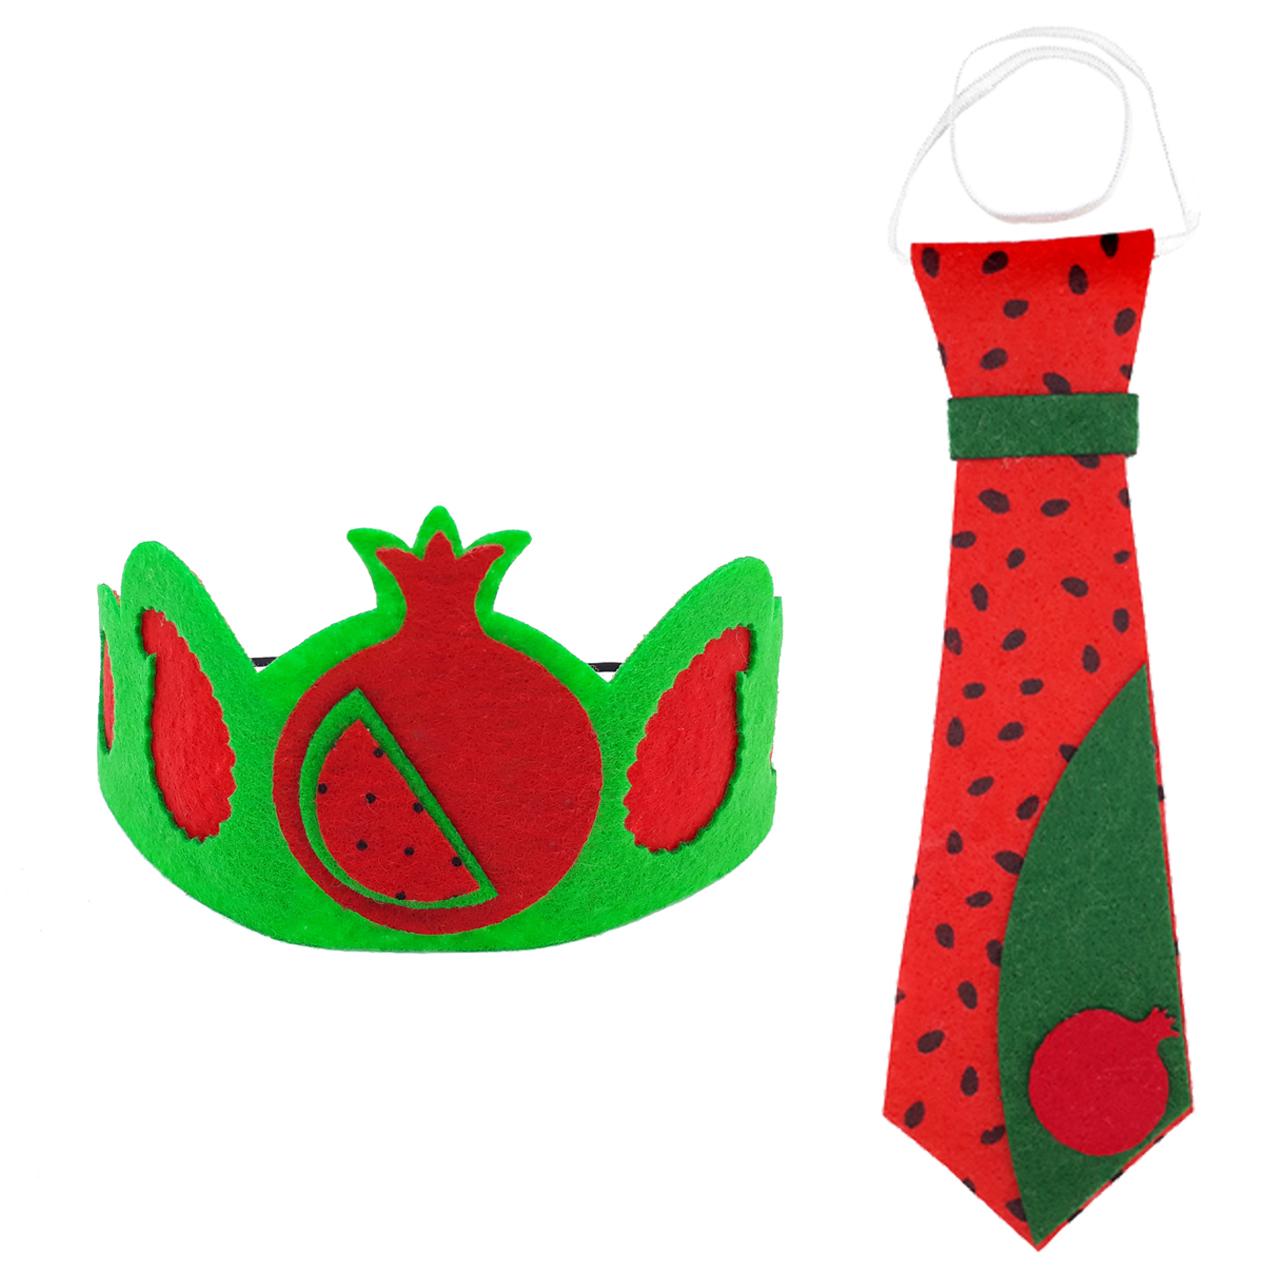 عکس کراوات تزیینی طرح هندوانه یلدا مدل mk392 به همراه تل مو